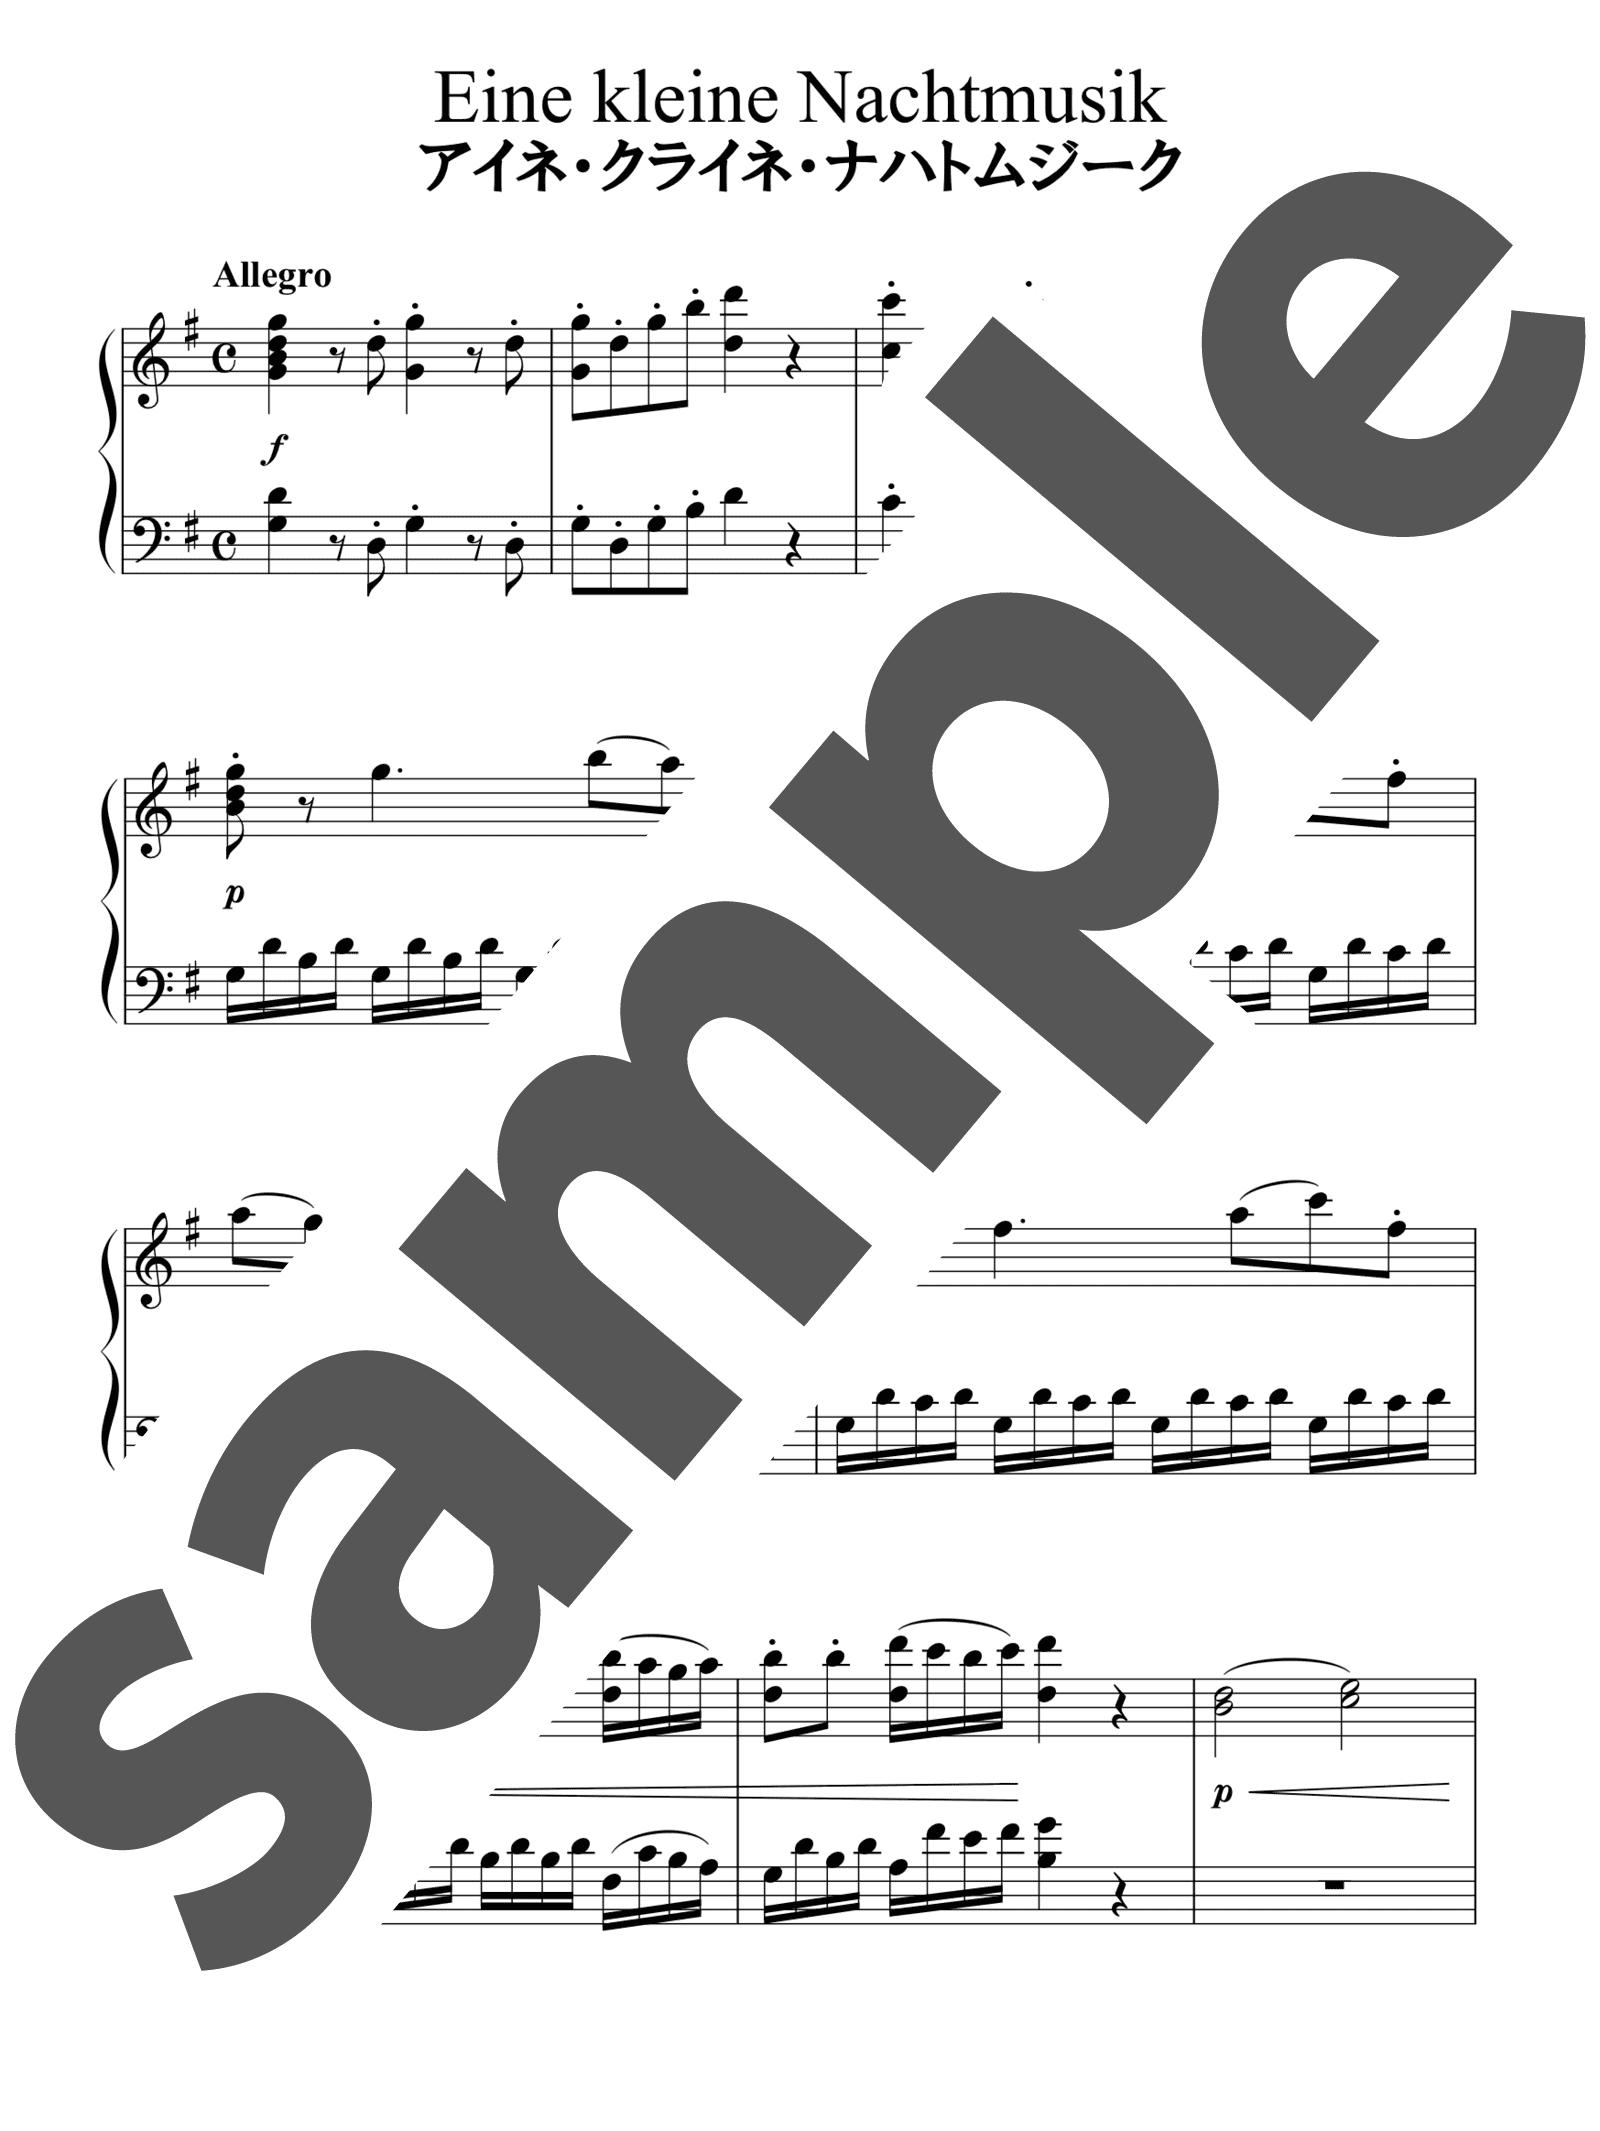 「セレナード第13番ト長調「アイネ・クライネ・ナハトムジーク」」のサンプル楽譜